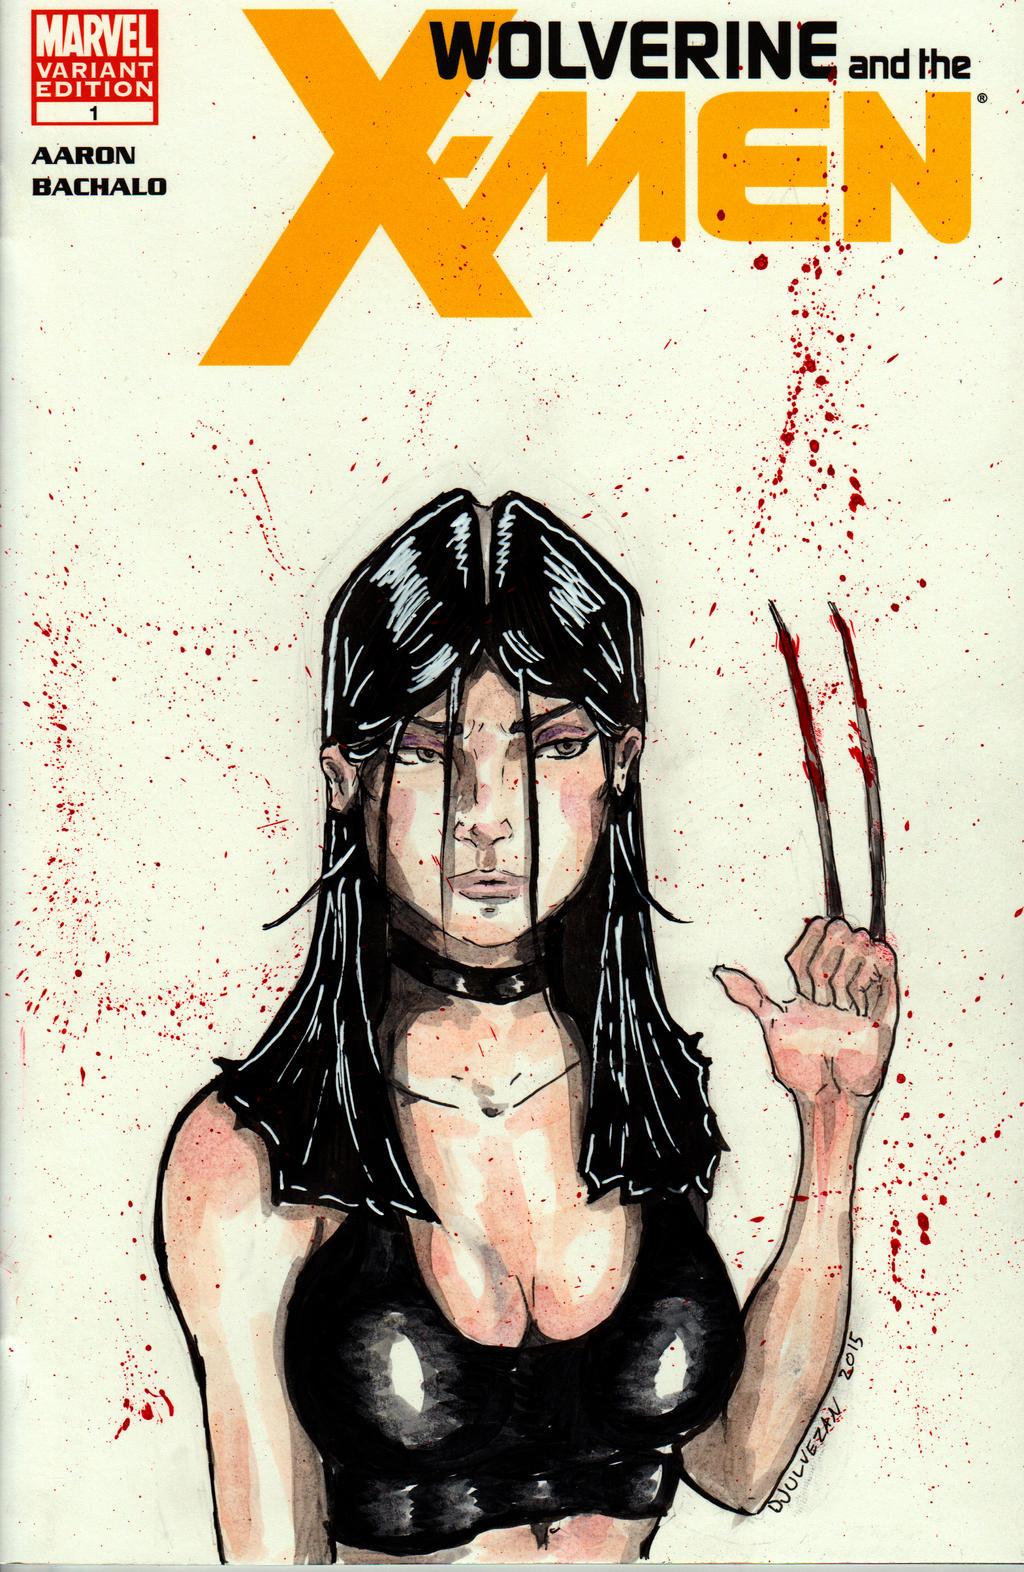 X-23 is like Jackson Pollock by OnInkz